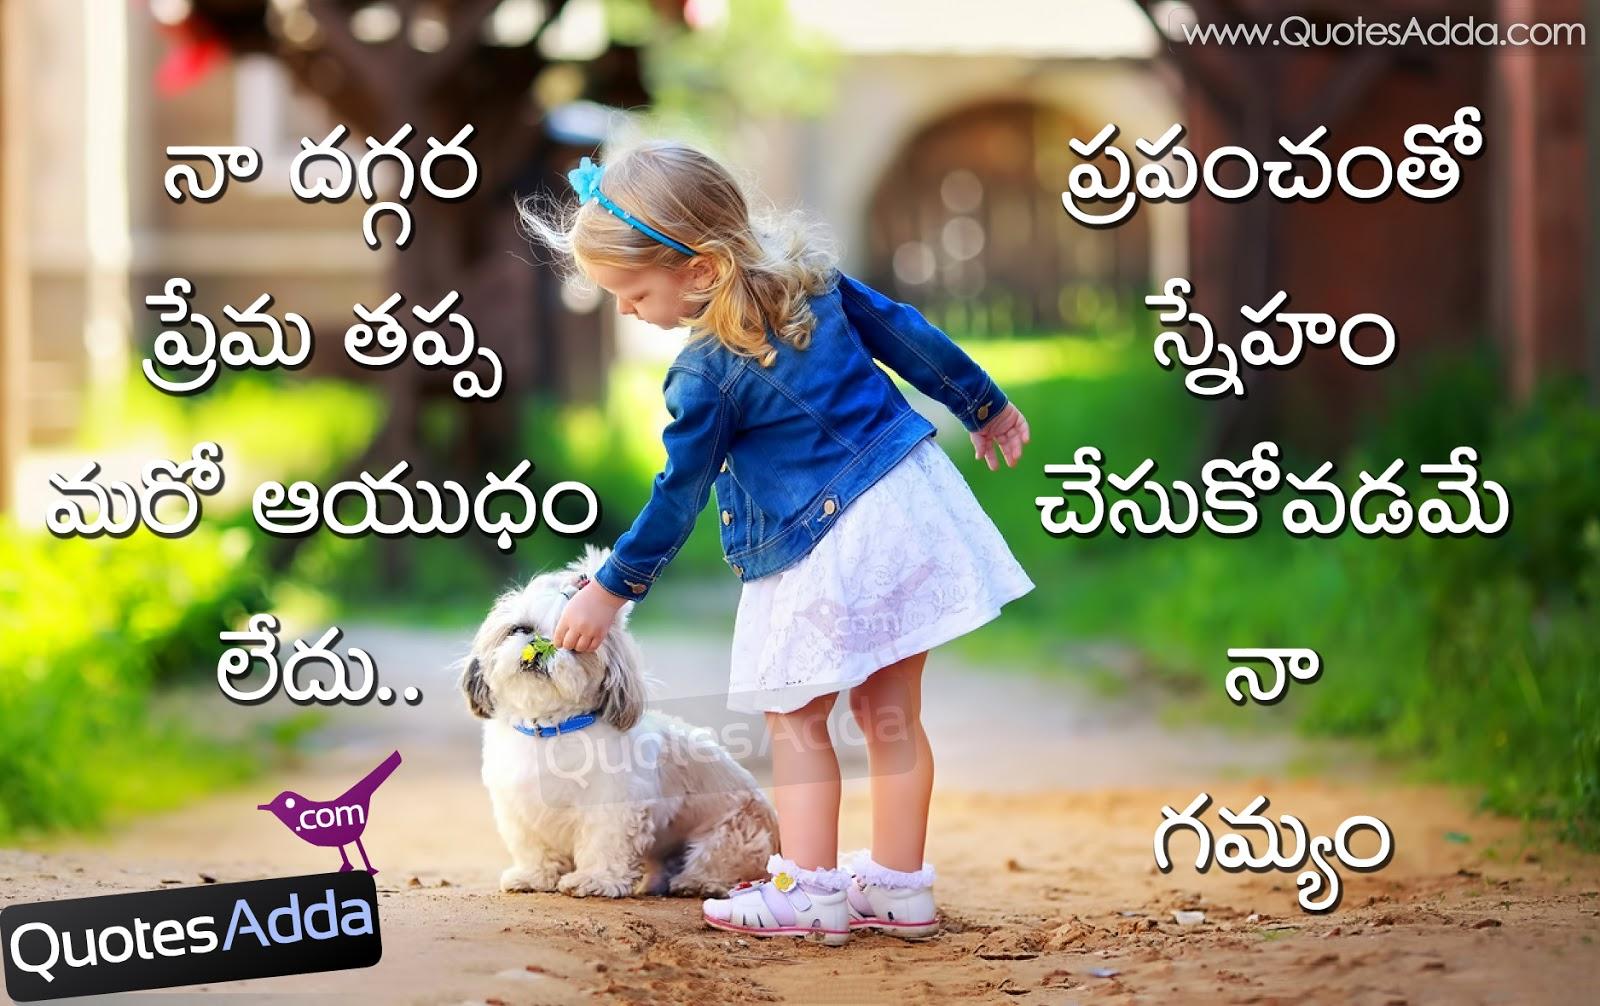 best friend quotes in telugu quotesgram